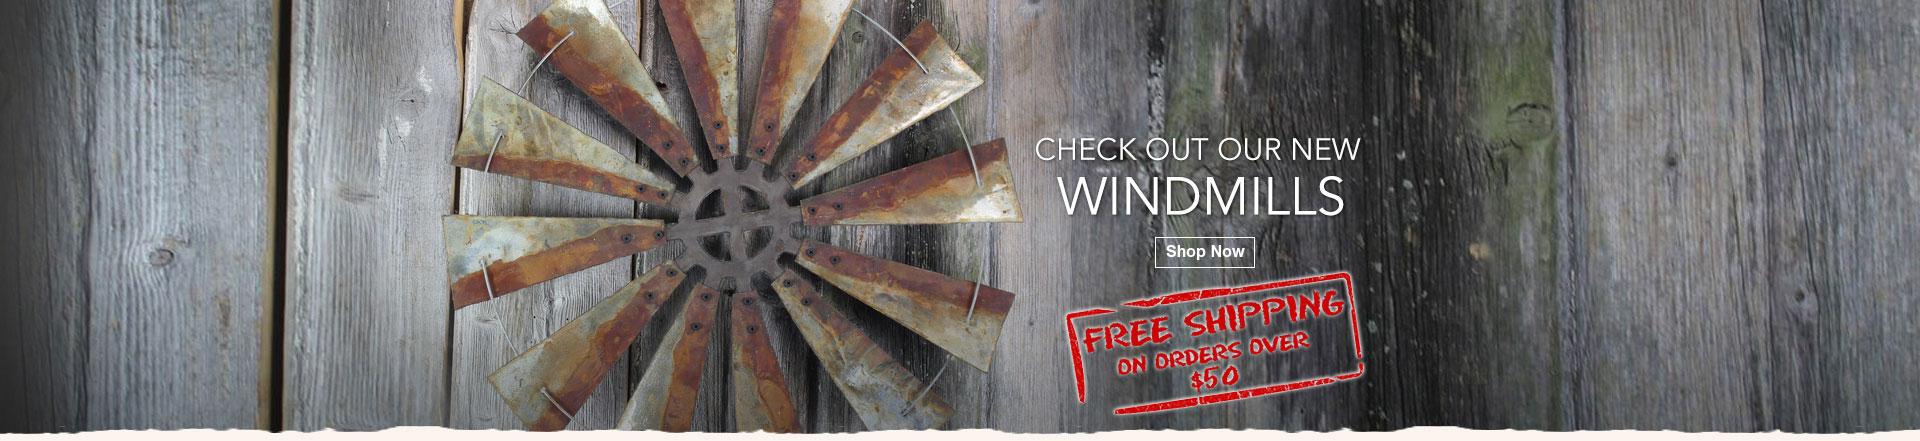 windmills-50